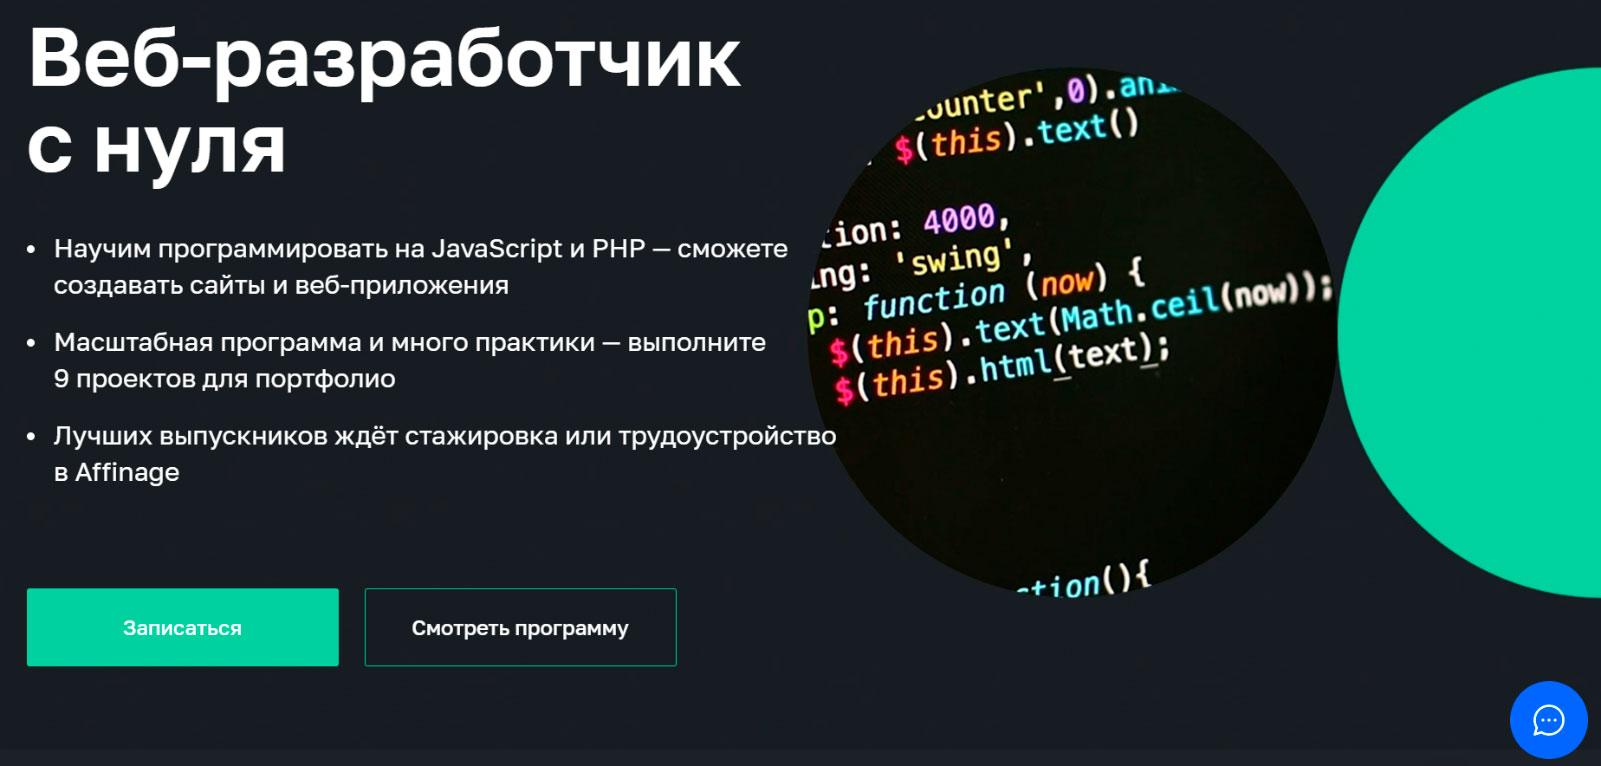 Веб-разработчик с нуля от Нетологии